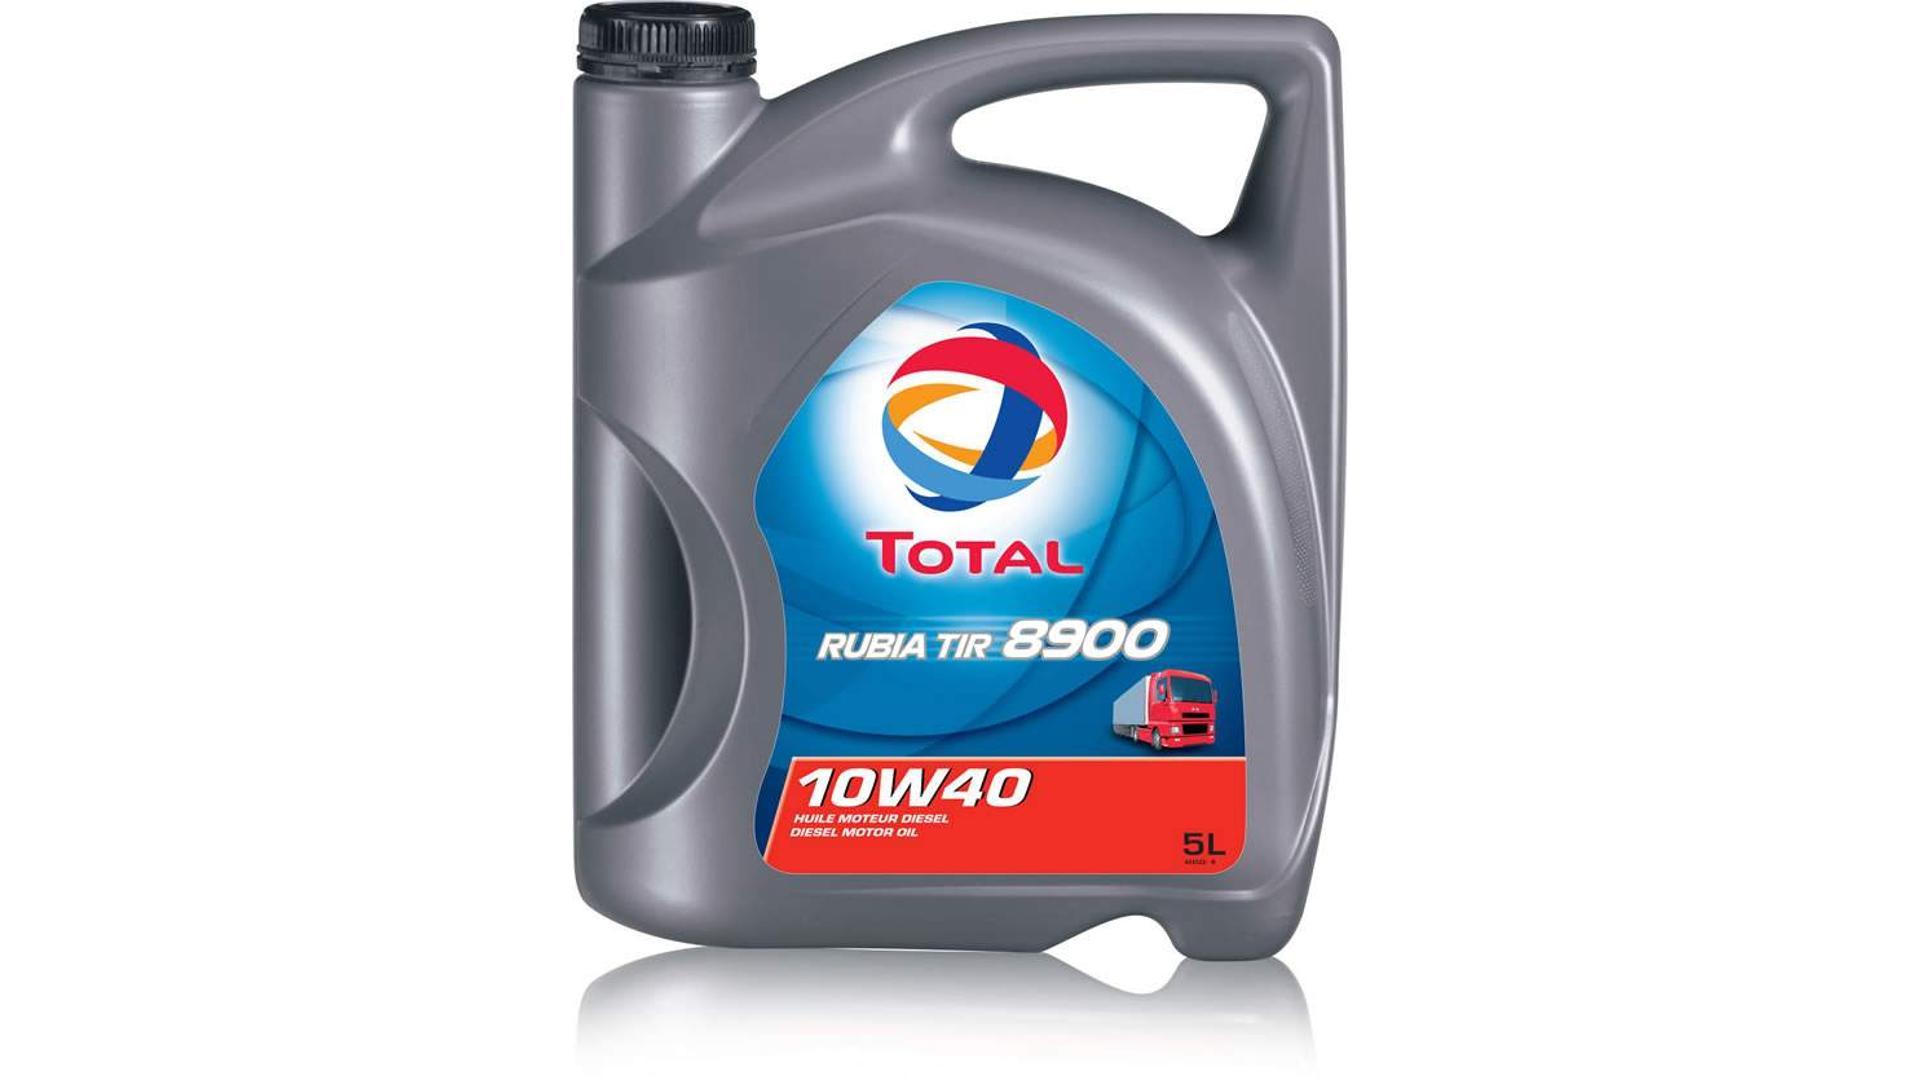 Total 10w-40 Rubia Tir 8900 5L (156672)